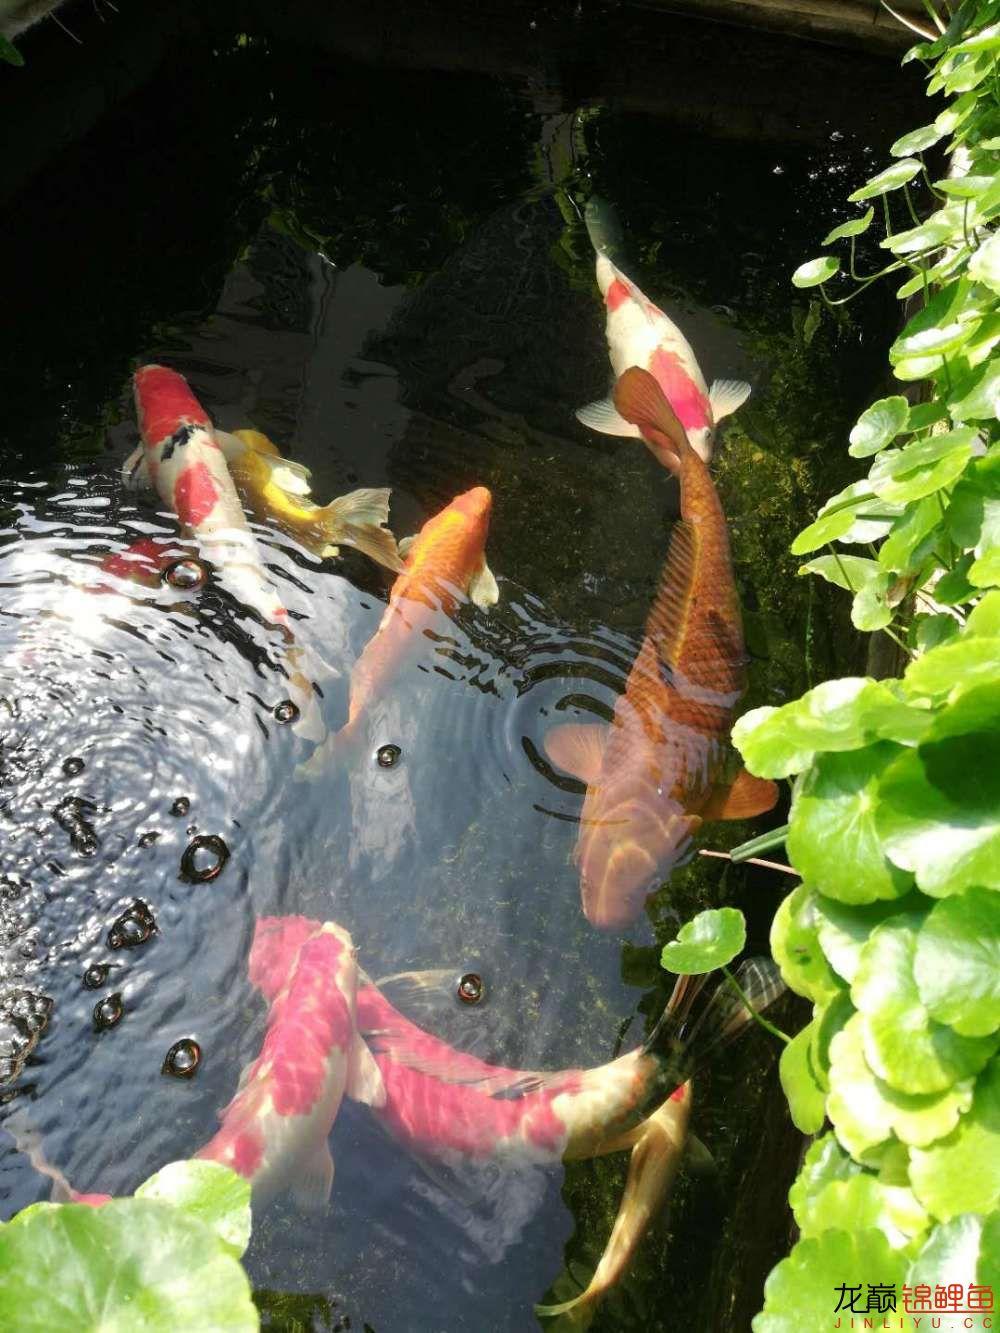 北京哪个水族店有白子关刀鱼天气转暖刚剪几天的草又开始猛长了 北京观赏鱼 北京龙鱼第14张